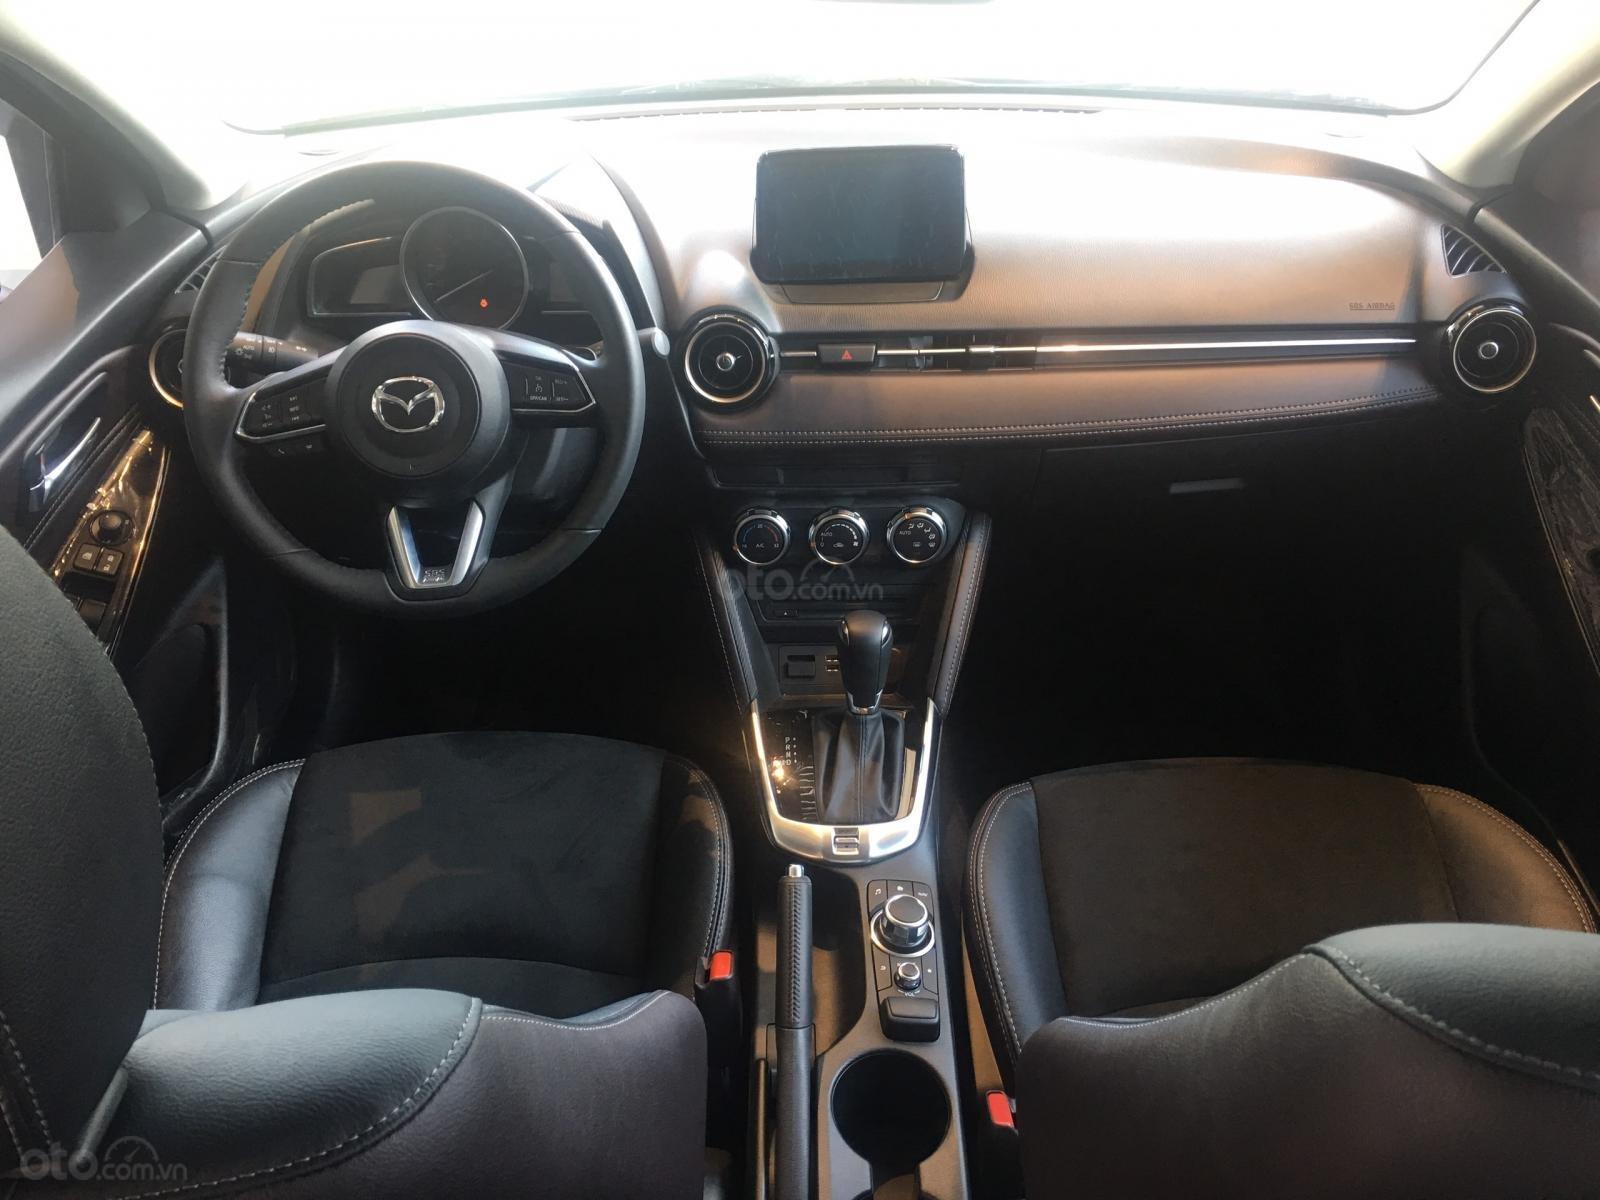 [Mazda Bình Triệu] Mazda 2 nhập Thái 100% - Quà tặng hấp dẫn tháng 05 - giao xe tận nhà - LH 0971 773 894 giá tốt nhất-3